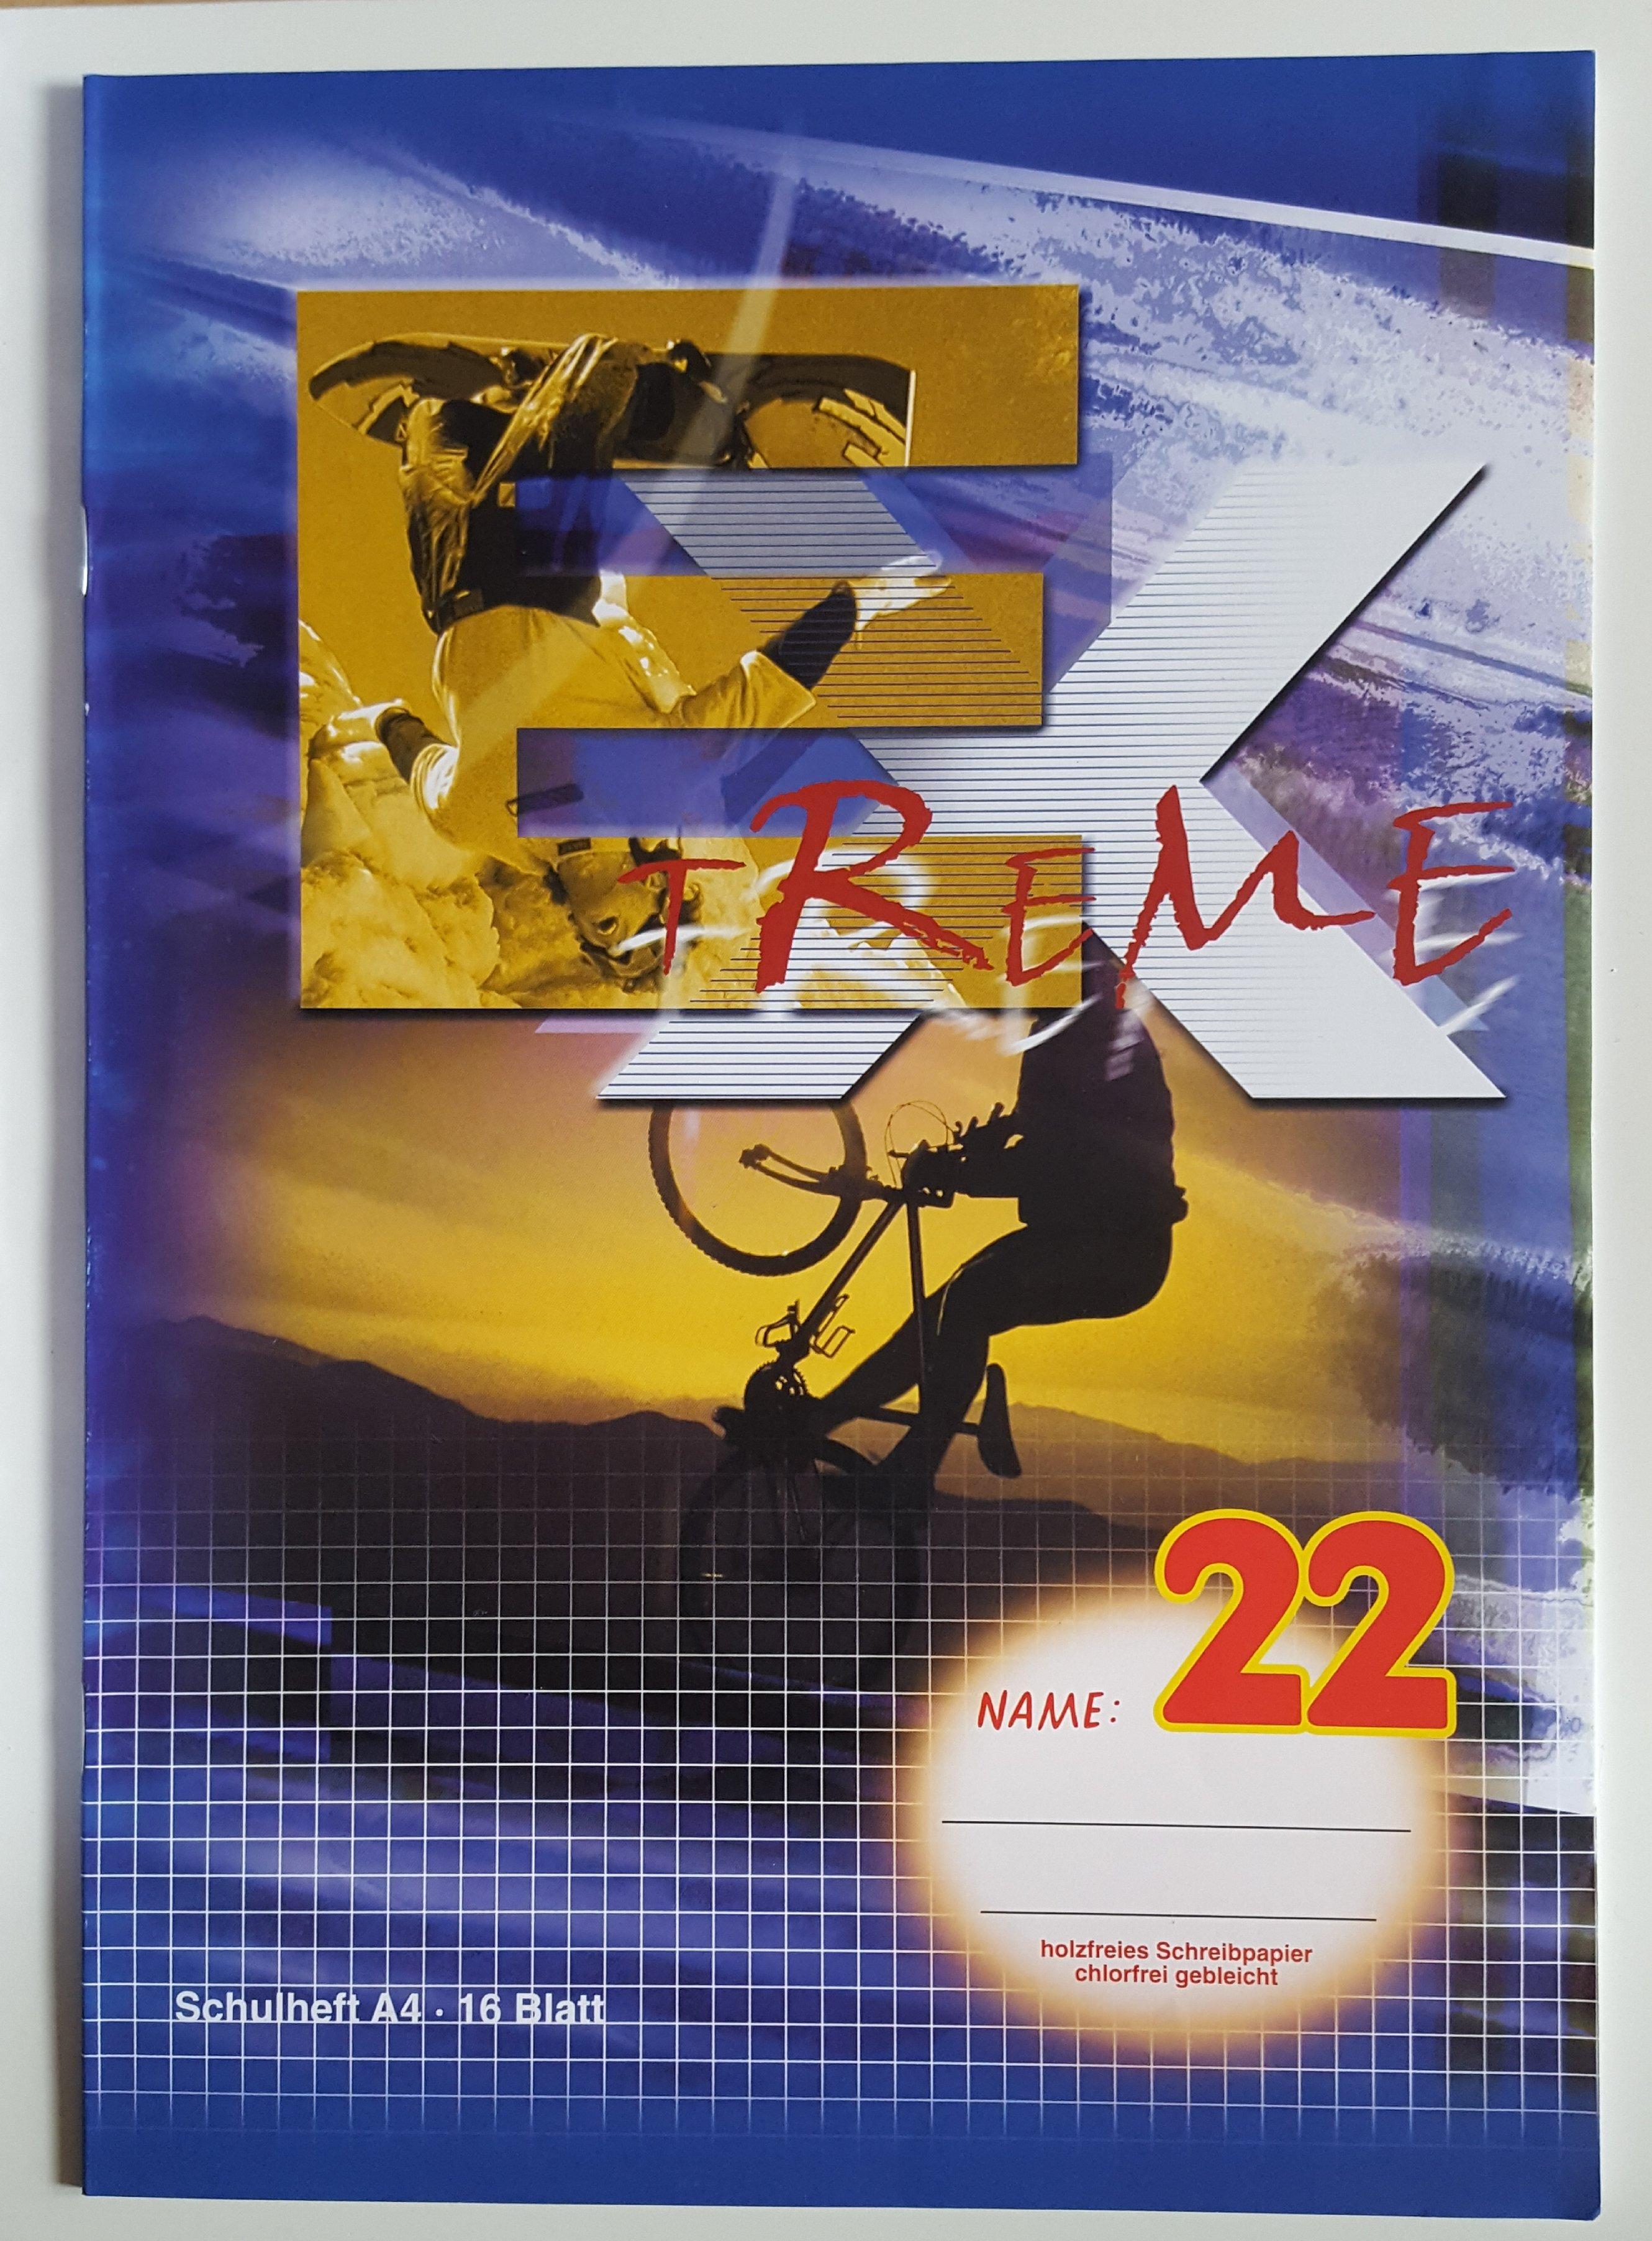 5 Stk. EXREME Schulheft A4 Randlos kariert  12 Blatt      Lineatur  22 300